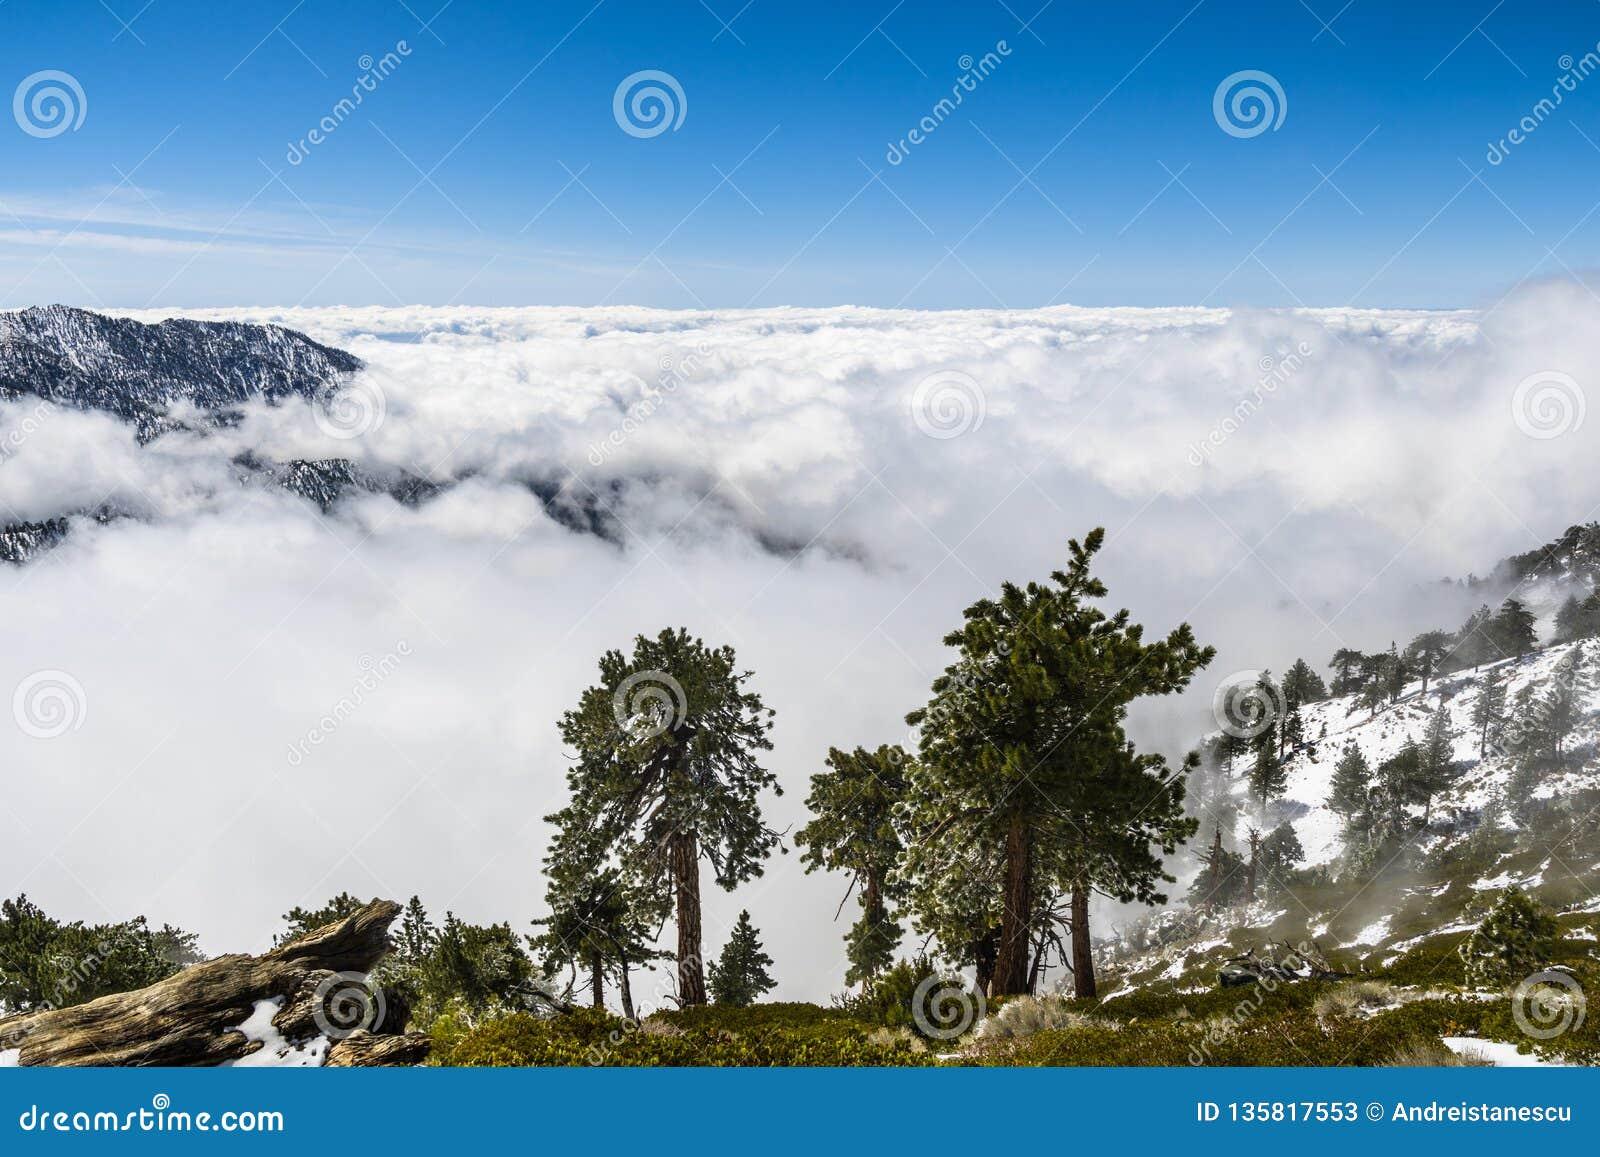 Immergrüne Bäume hoch auf dem Berg; Meer von weißen Wolken im Hintergrund, der das Tal, Berg San Antonio (Mt Baldy) bedeckt, Los